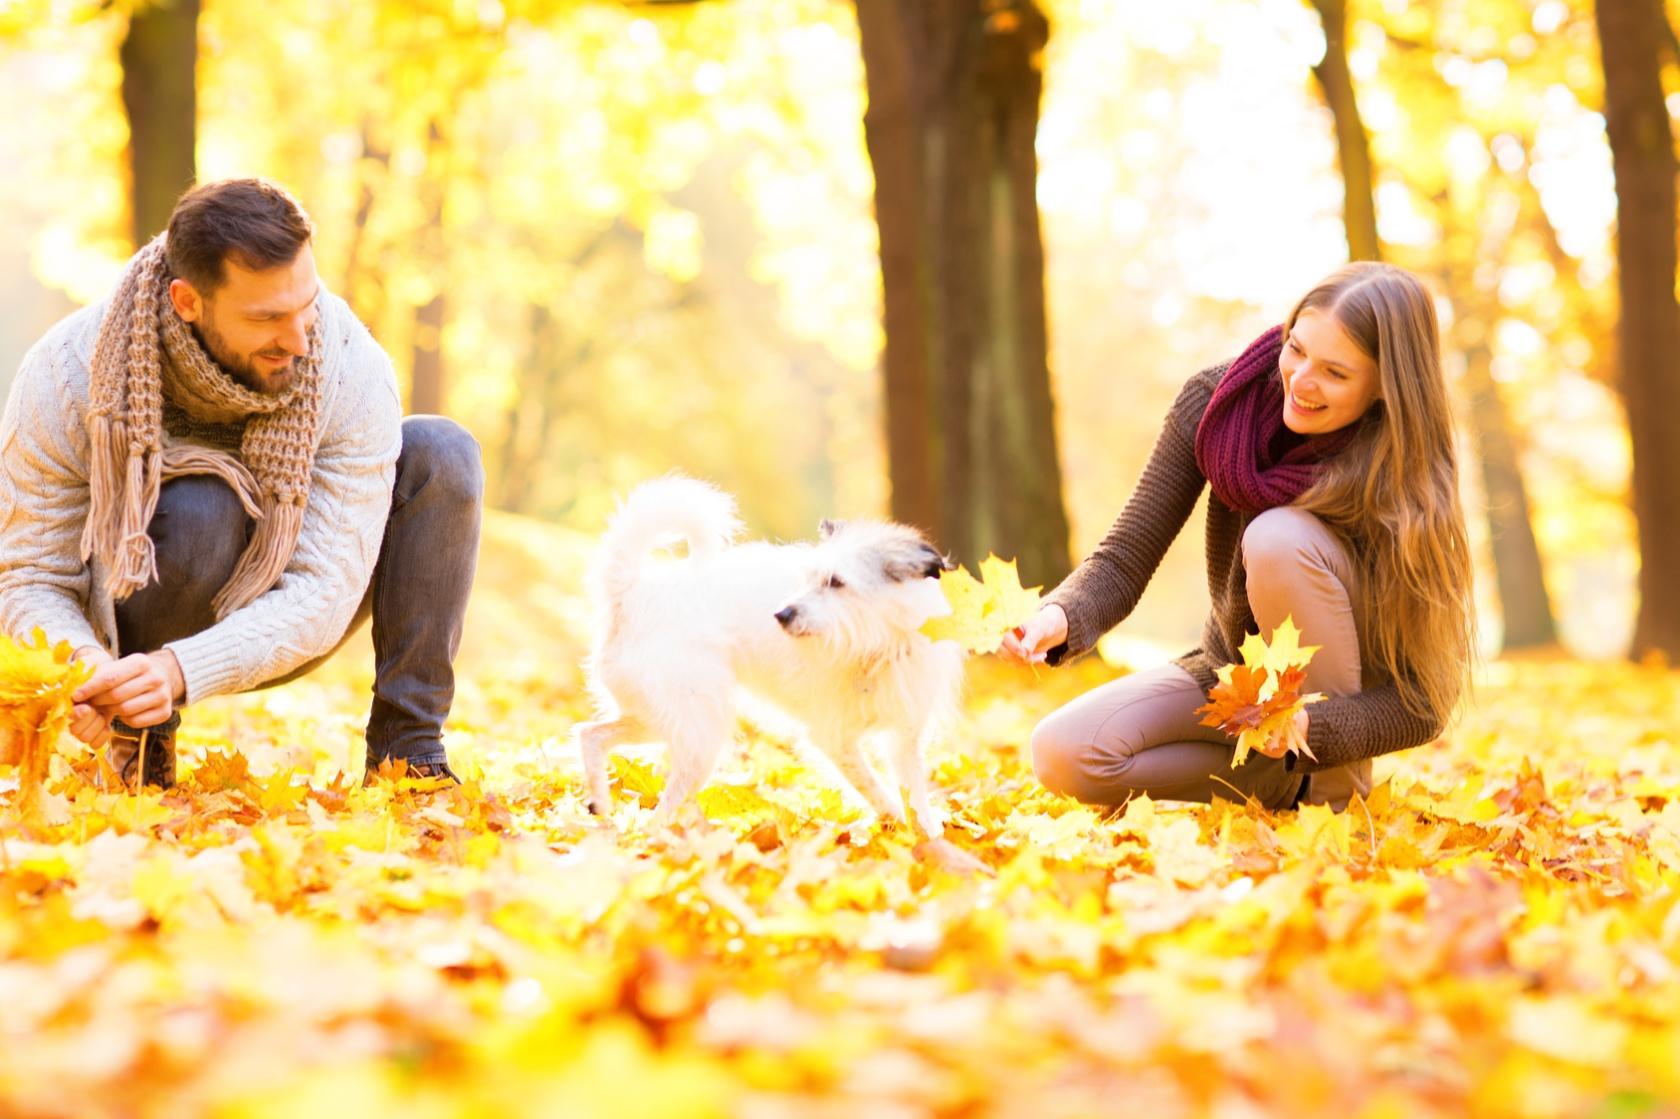 Prchen mit dem Hund beim spielen